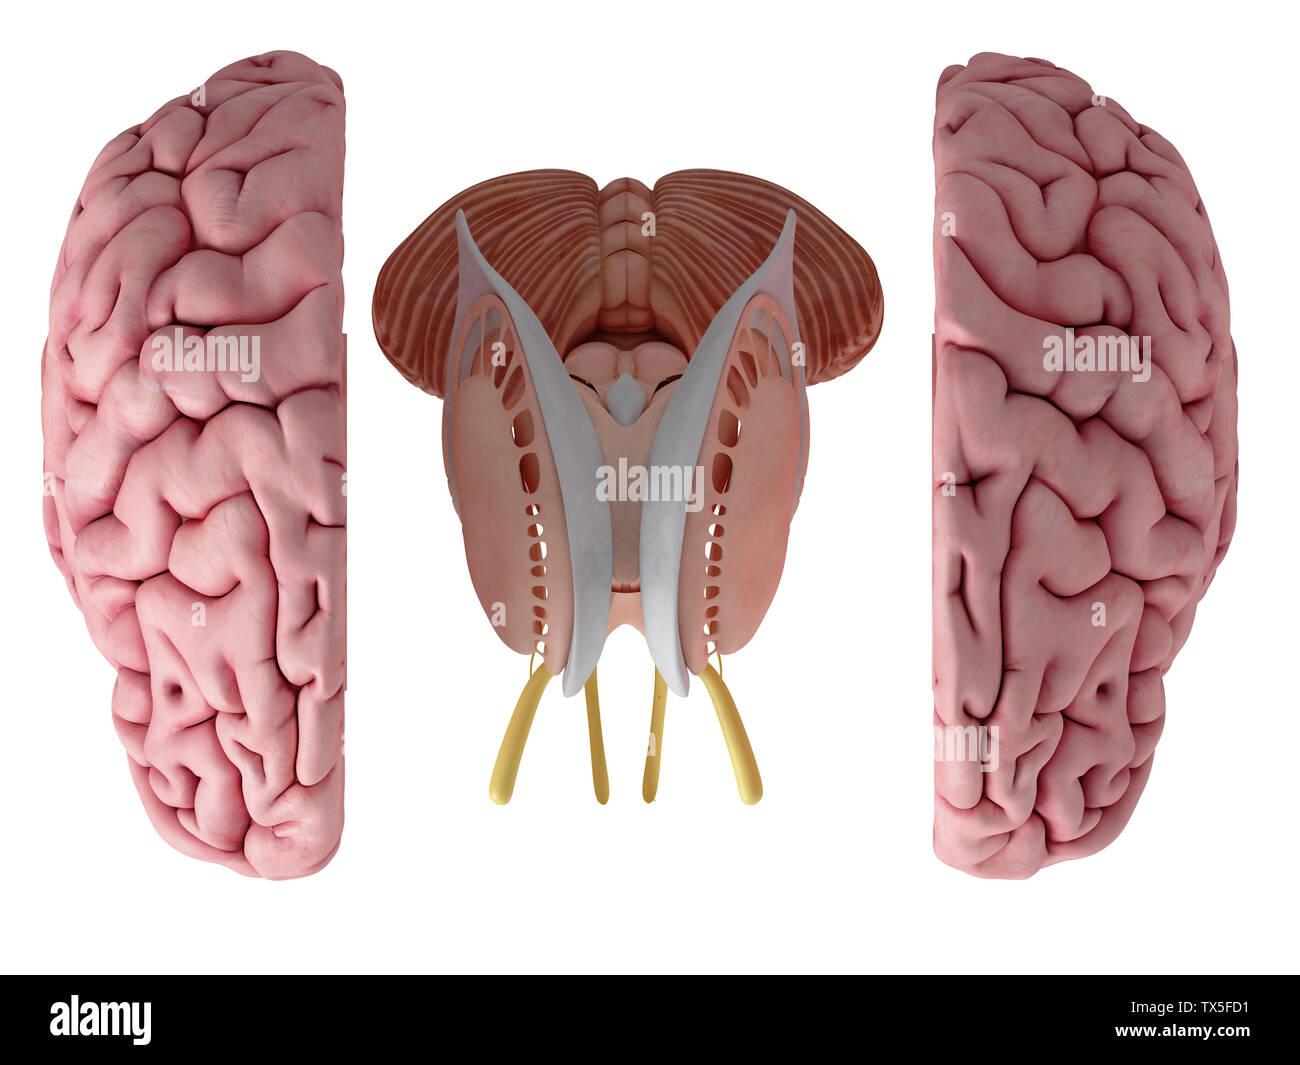 Rendu 3D, médicalement exacts illustration de l'anatomie du cerveau Photo Stock